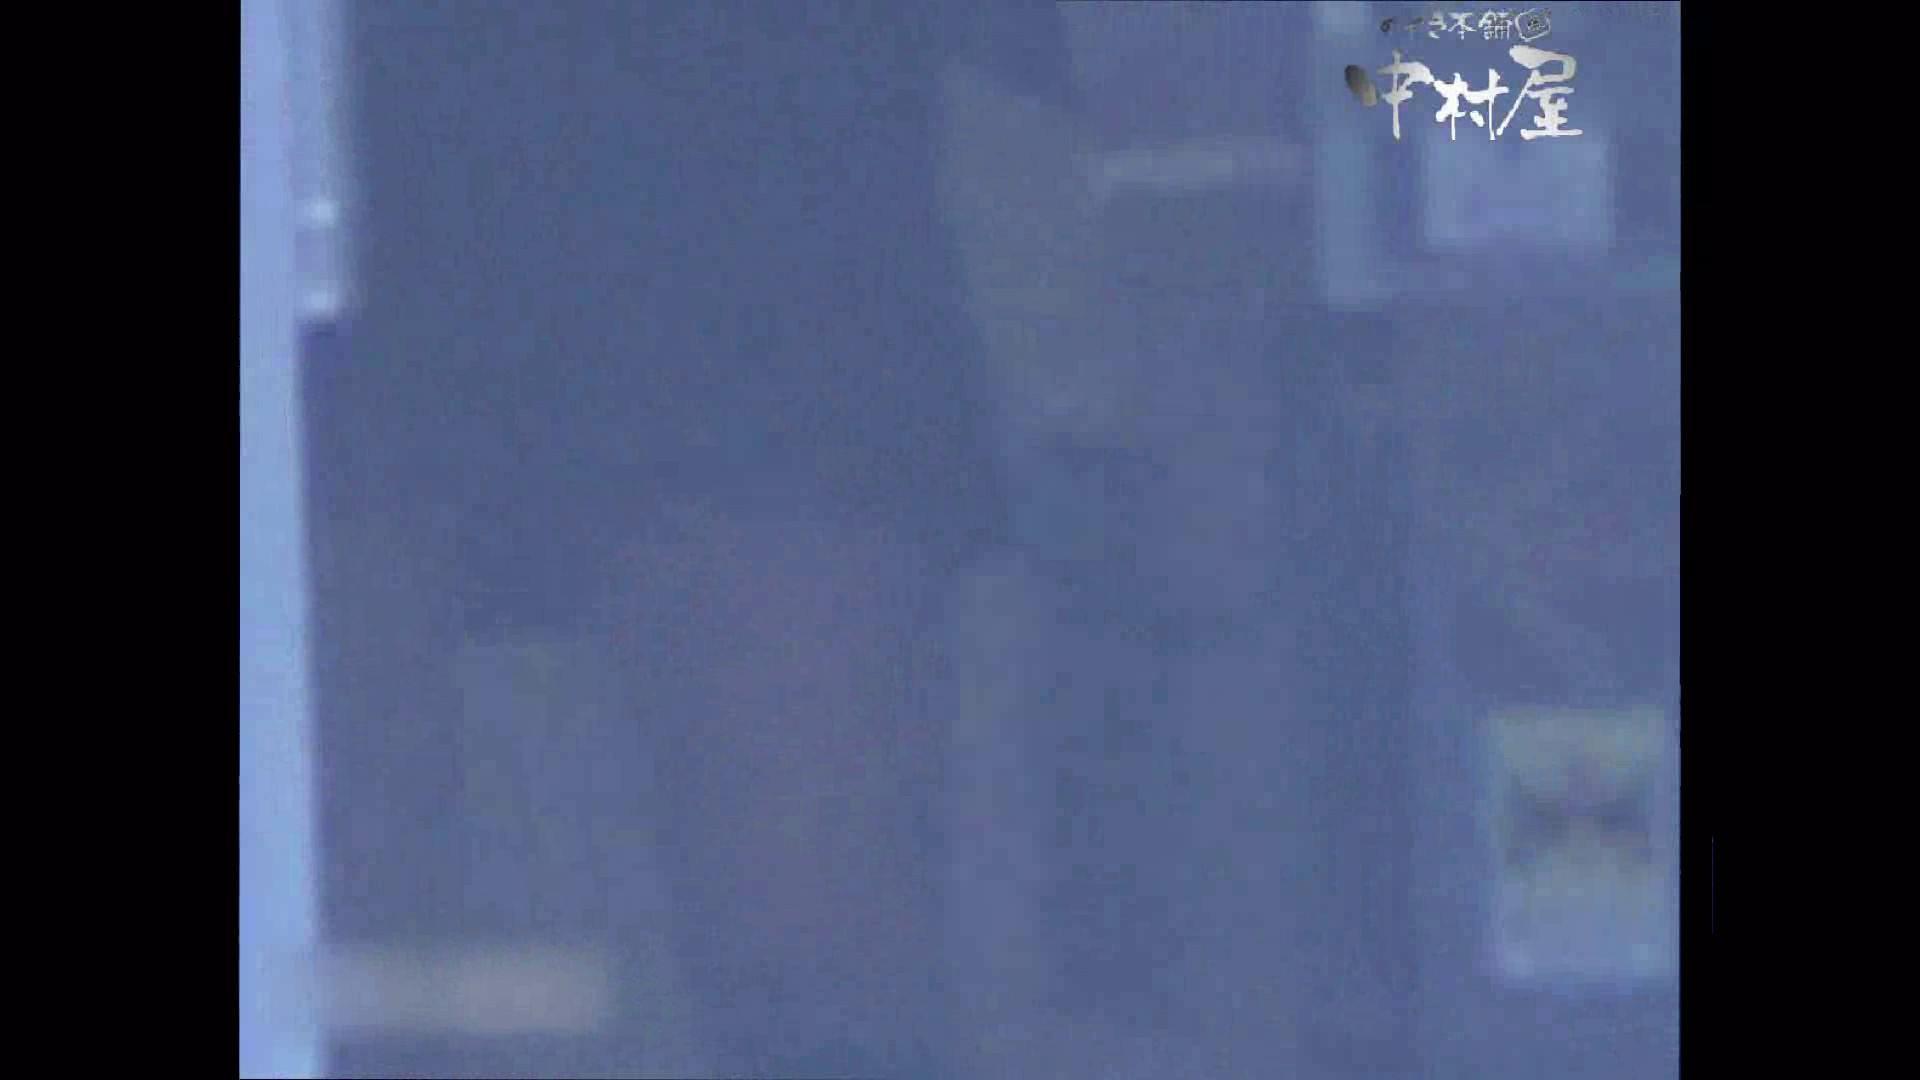 岩手県在住盗撮師盗撮記録vol.44 OLのエロ生活 おめこ無修正画像 109連発 12